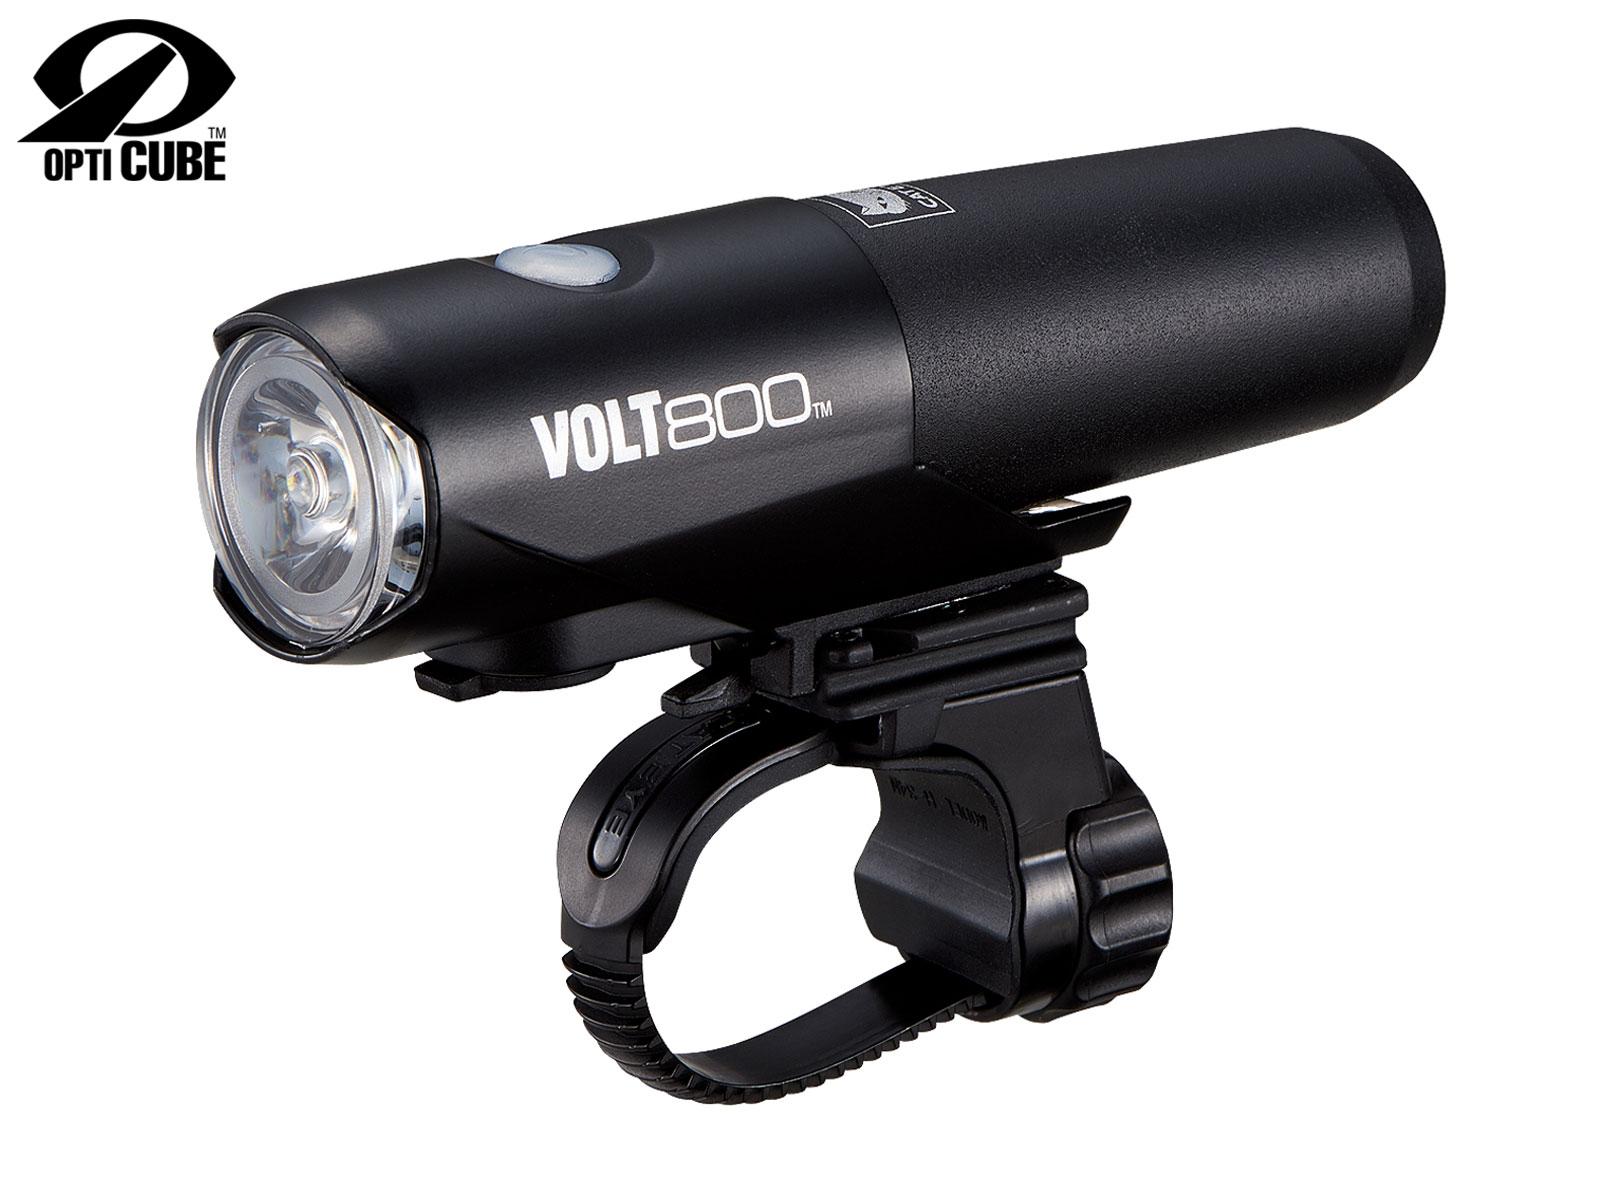 CATEYE Světlo př. CAT HL-EL471RC Volt800 (černá)